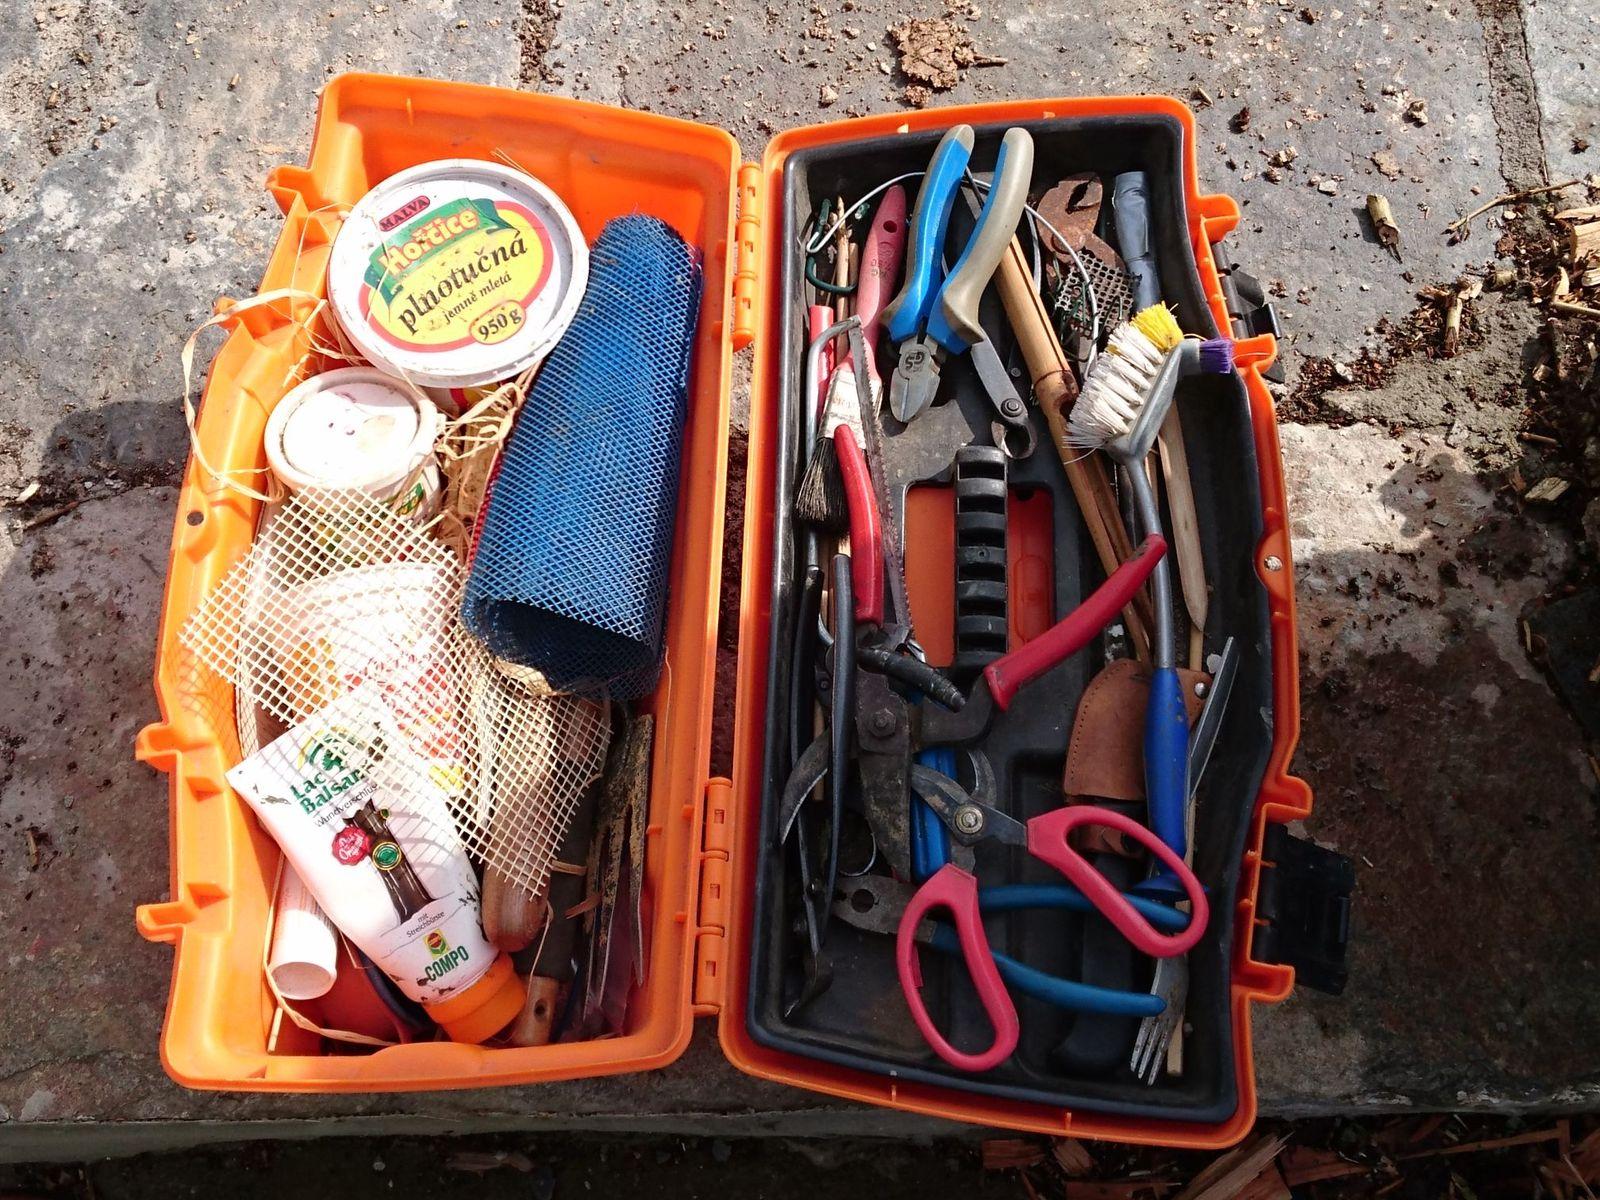 Tool box for bonsai trees.